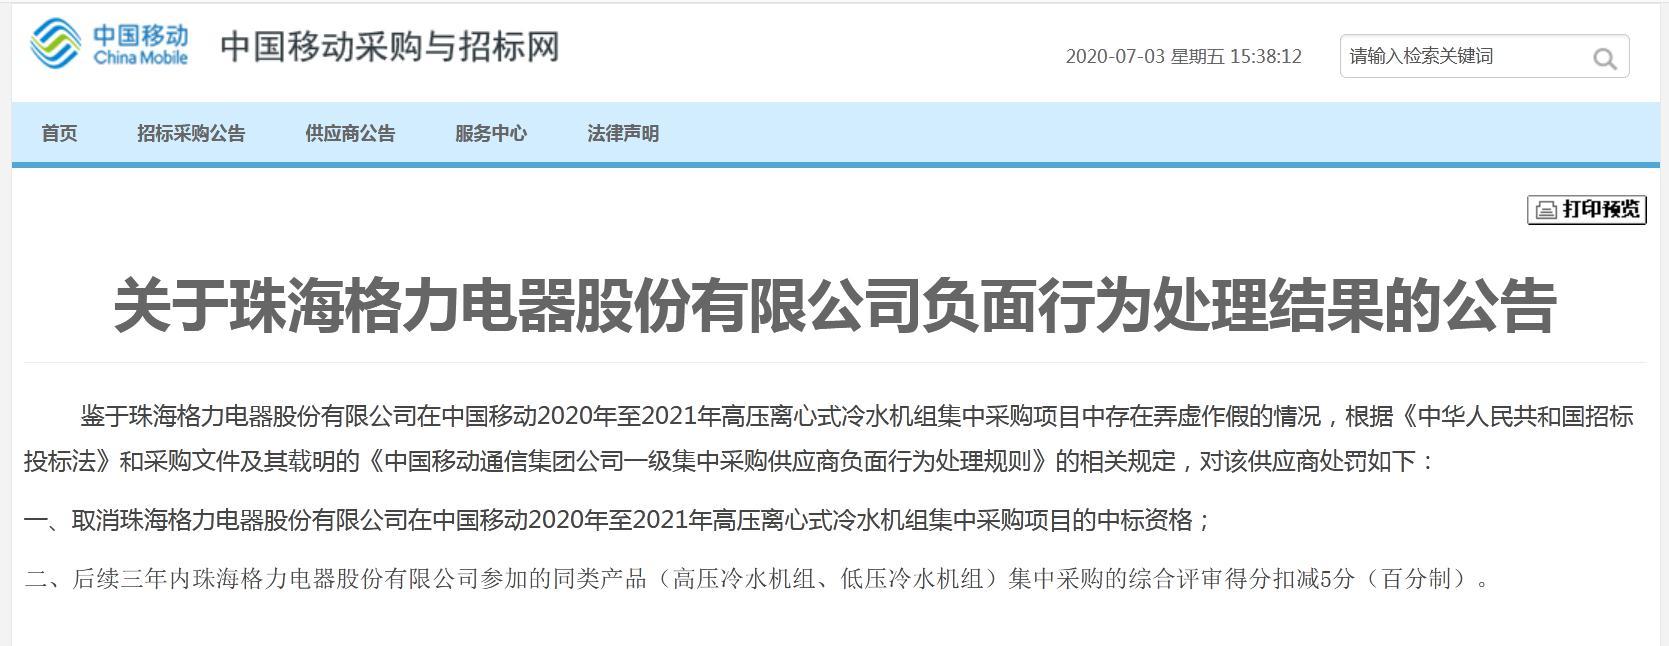 中国移动采购与招标网截图